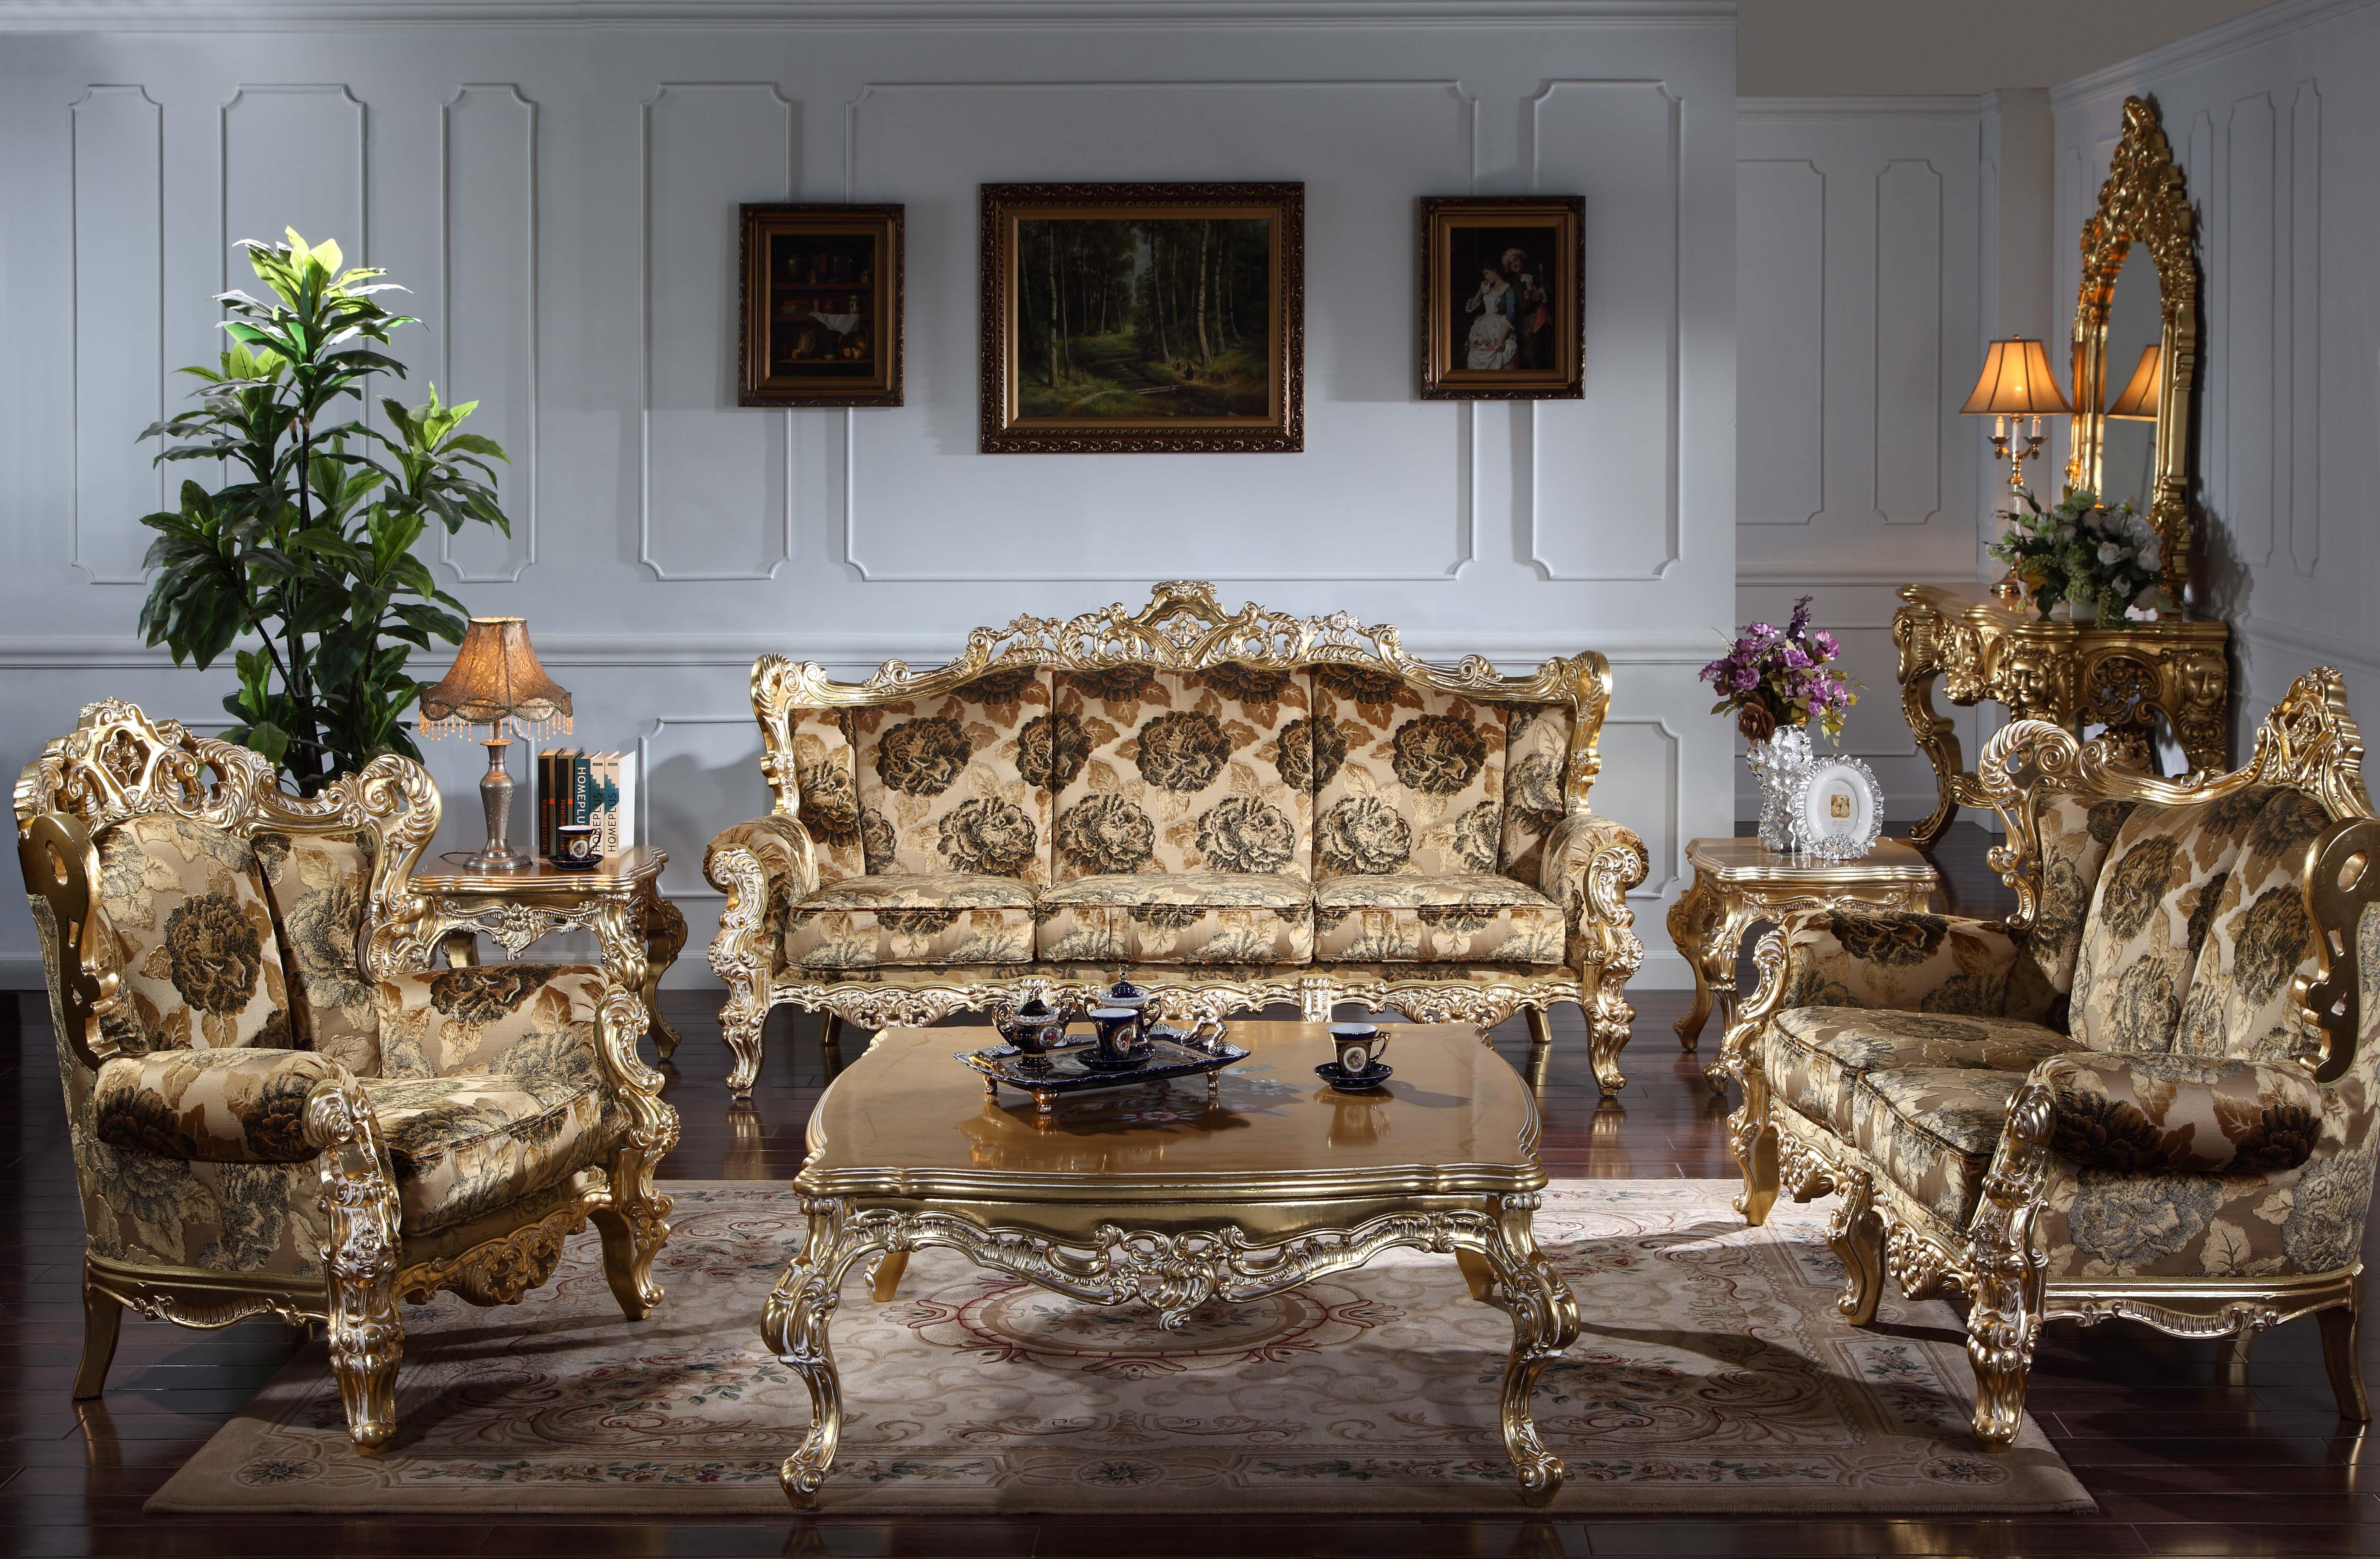 2021 Baroque Classic Living Room Furniture European Classic Sofa